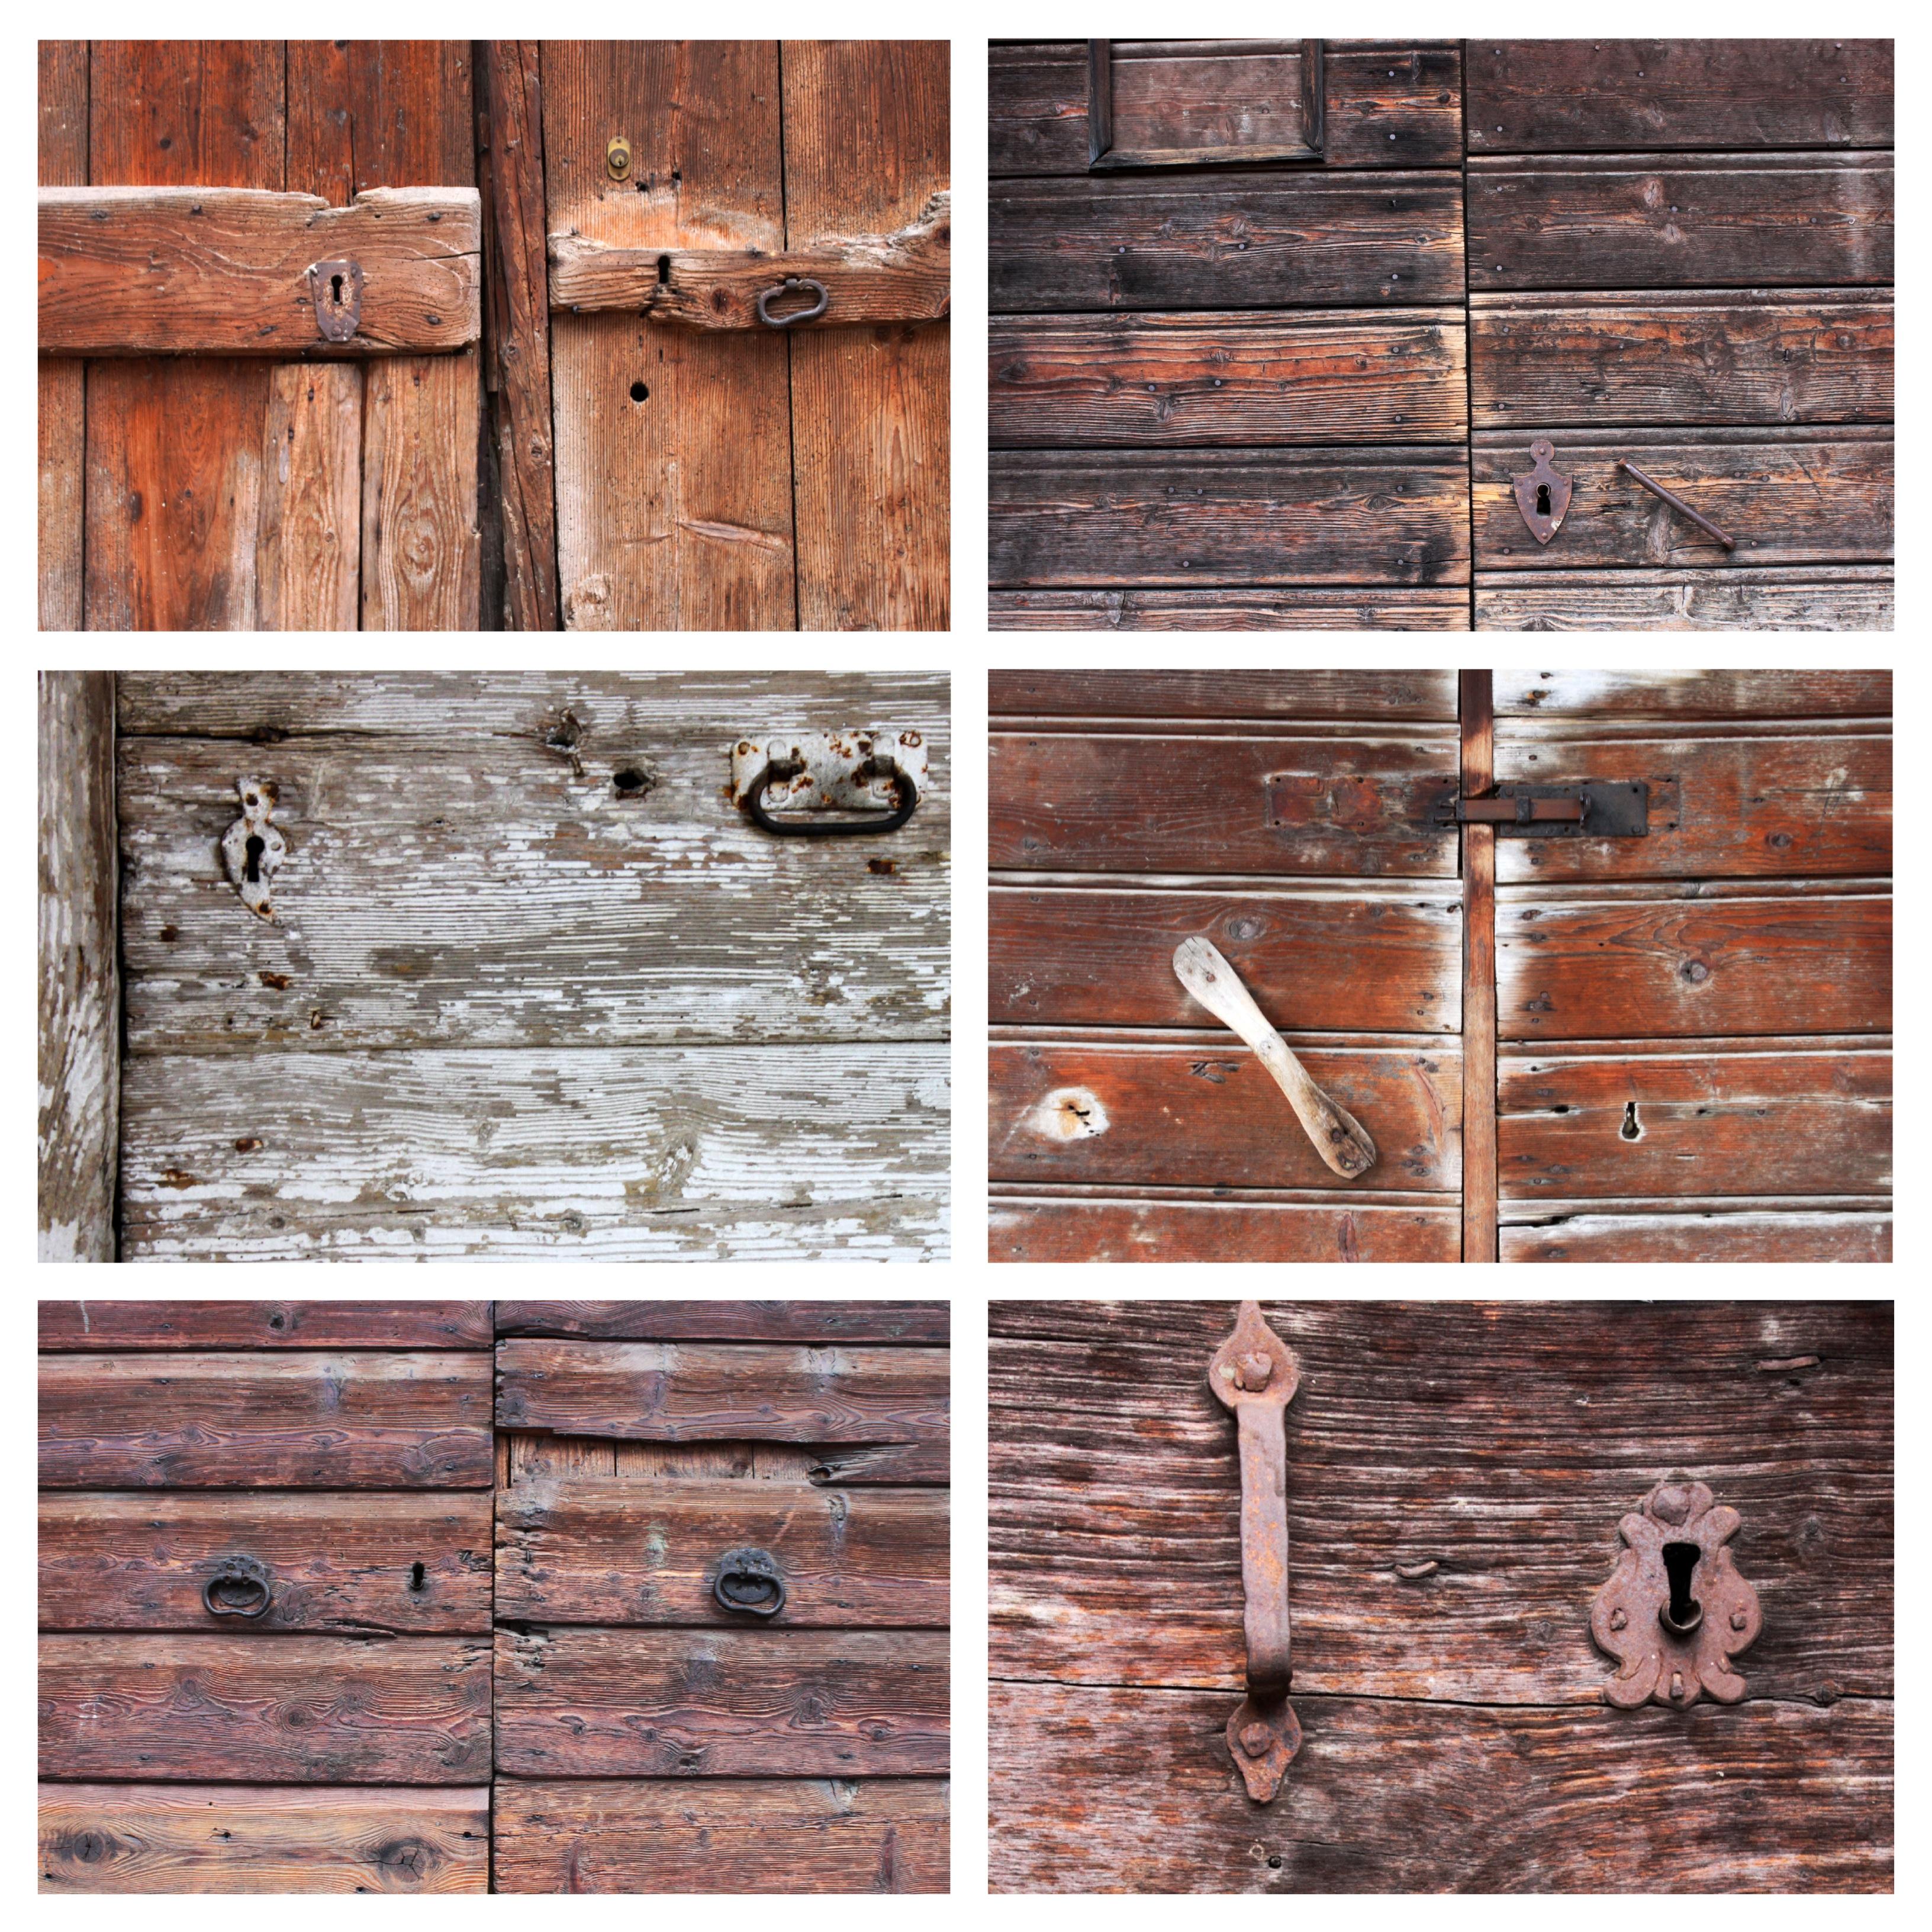 portoni di legno delle vecchie stalle di mezzano, trentino